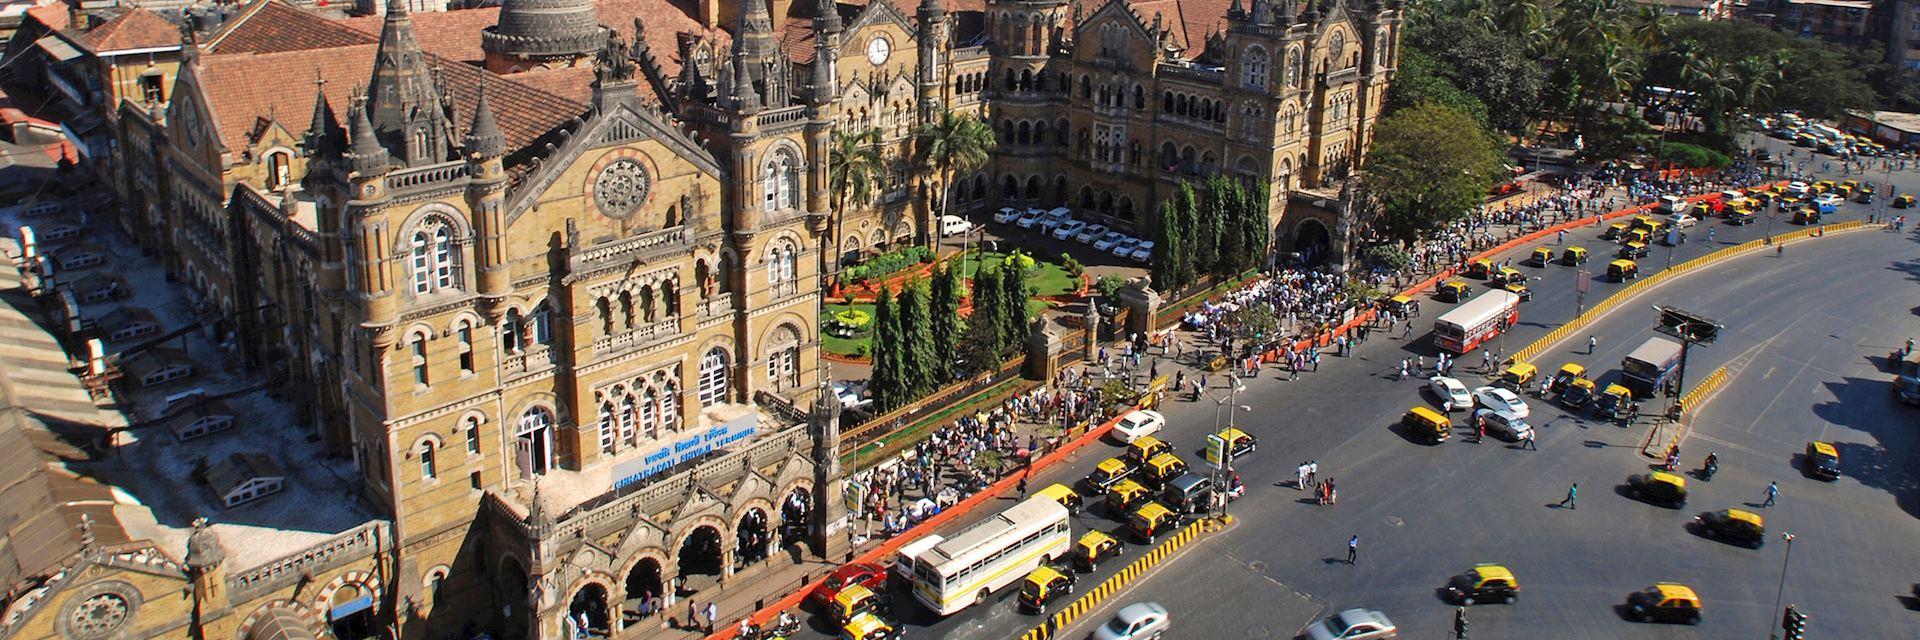 Chhatrapati Shivaji Terminus, Mumbai